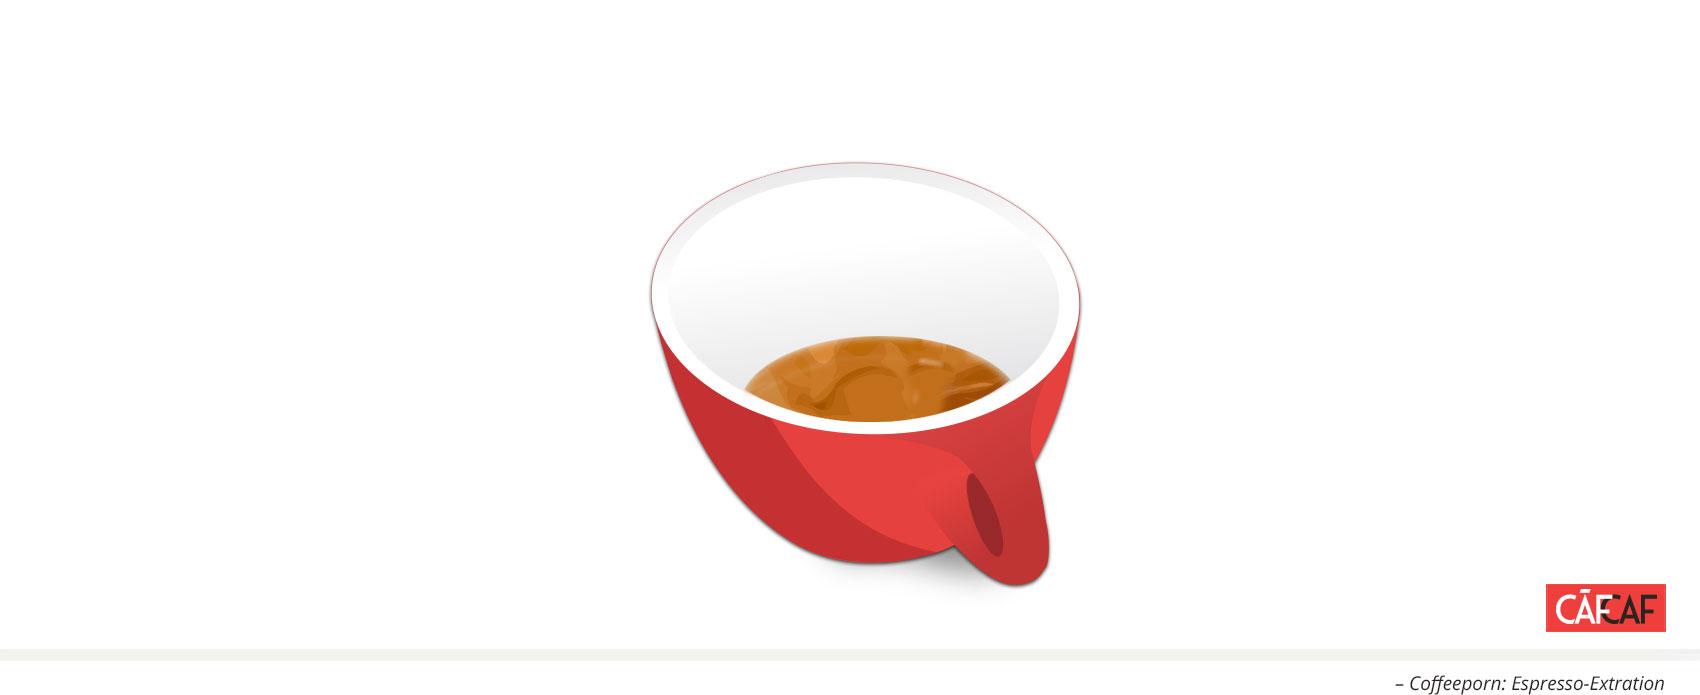 Coffeeporn: Espresso Extraktion. CafCaf – Kaffee & Blog, Kaffeeblog